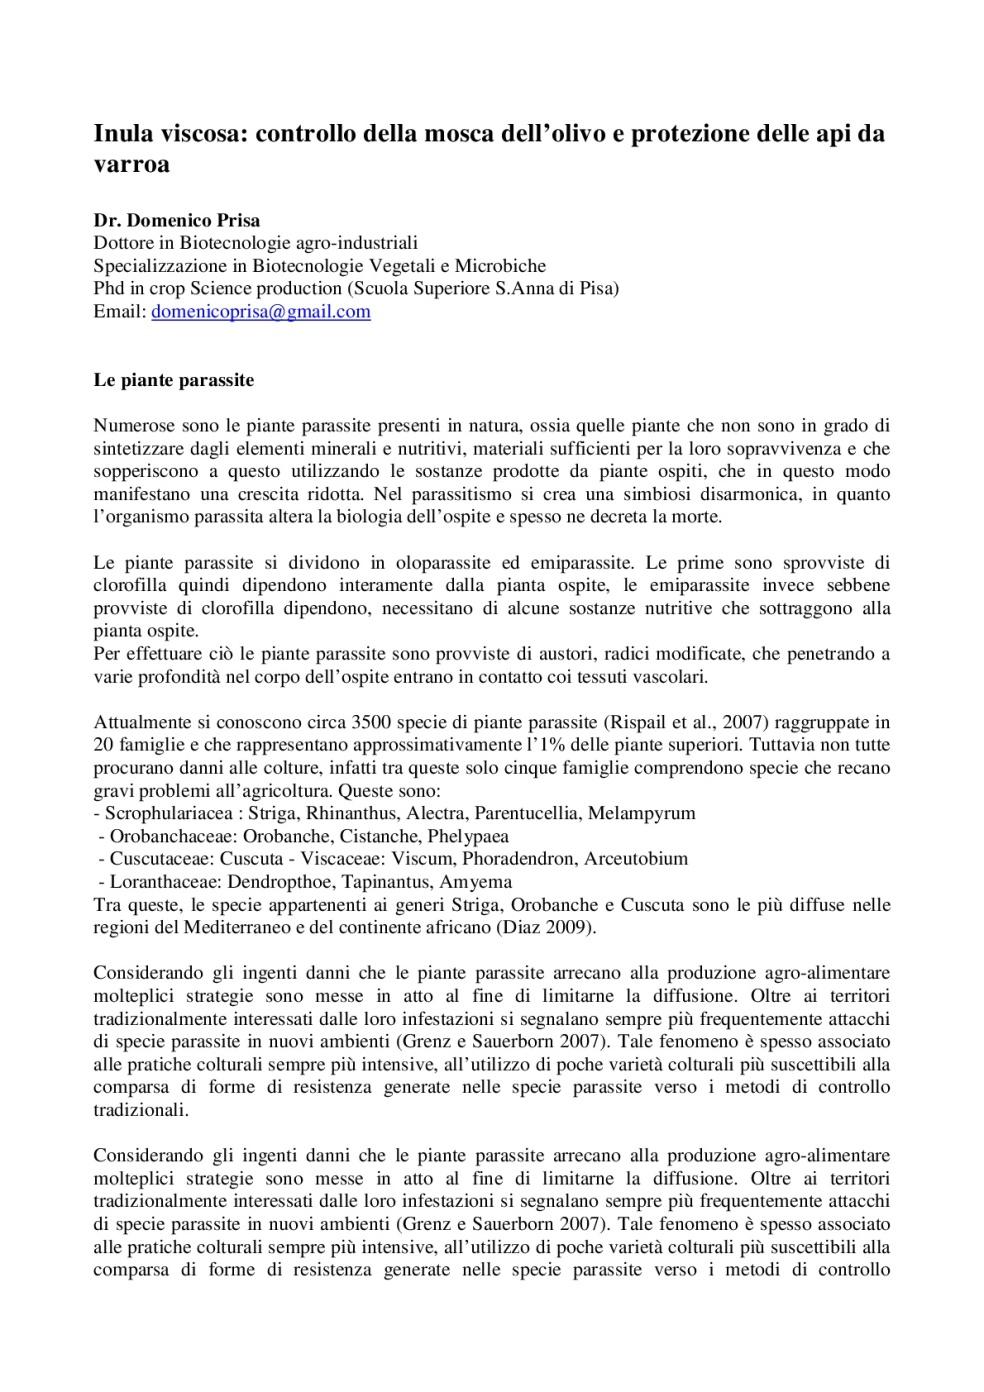 Inula-Viscosa_-controllo-della-mosca-dell'olivo-e-protezione-delle-api-da-varroa-001